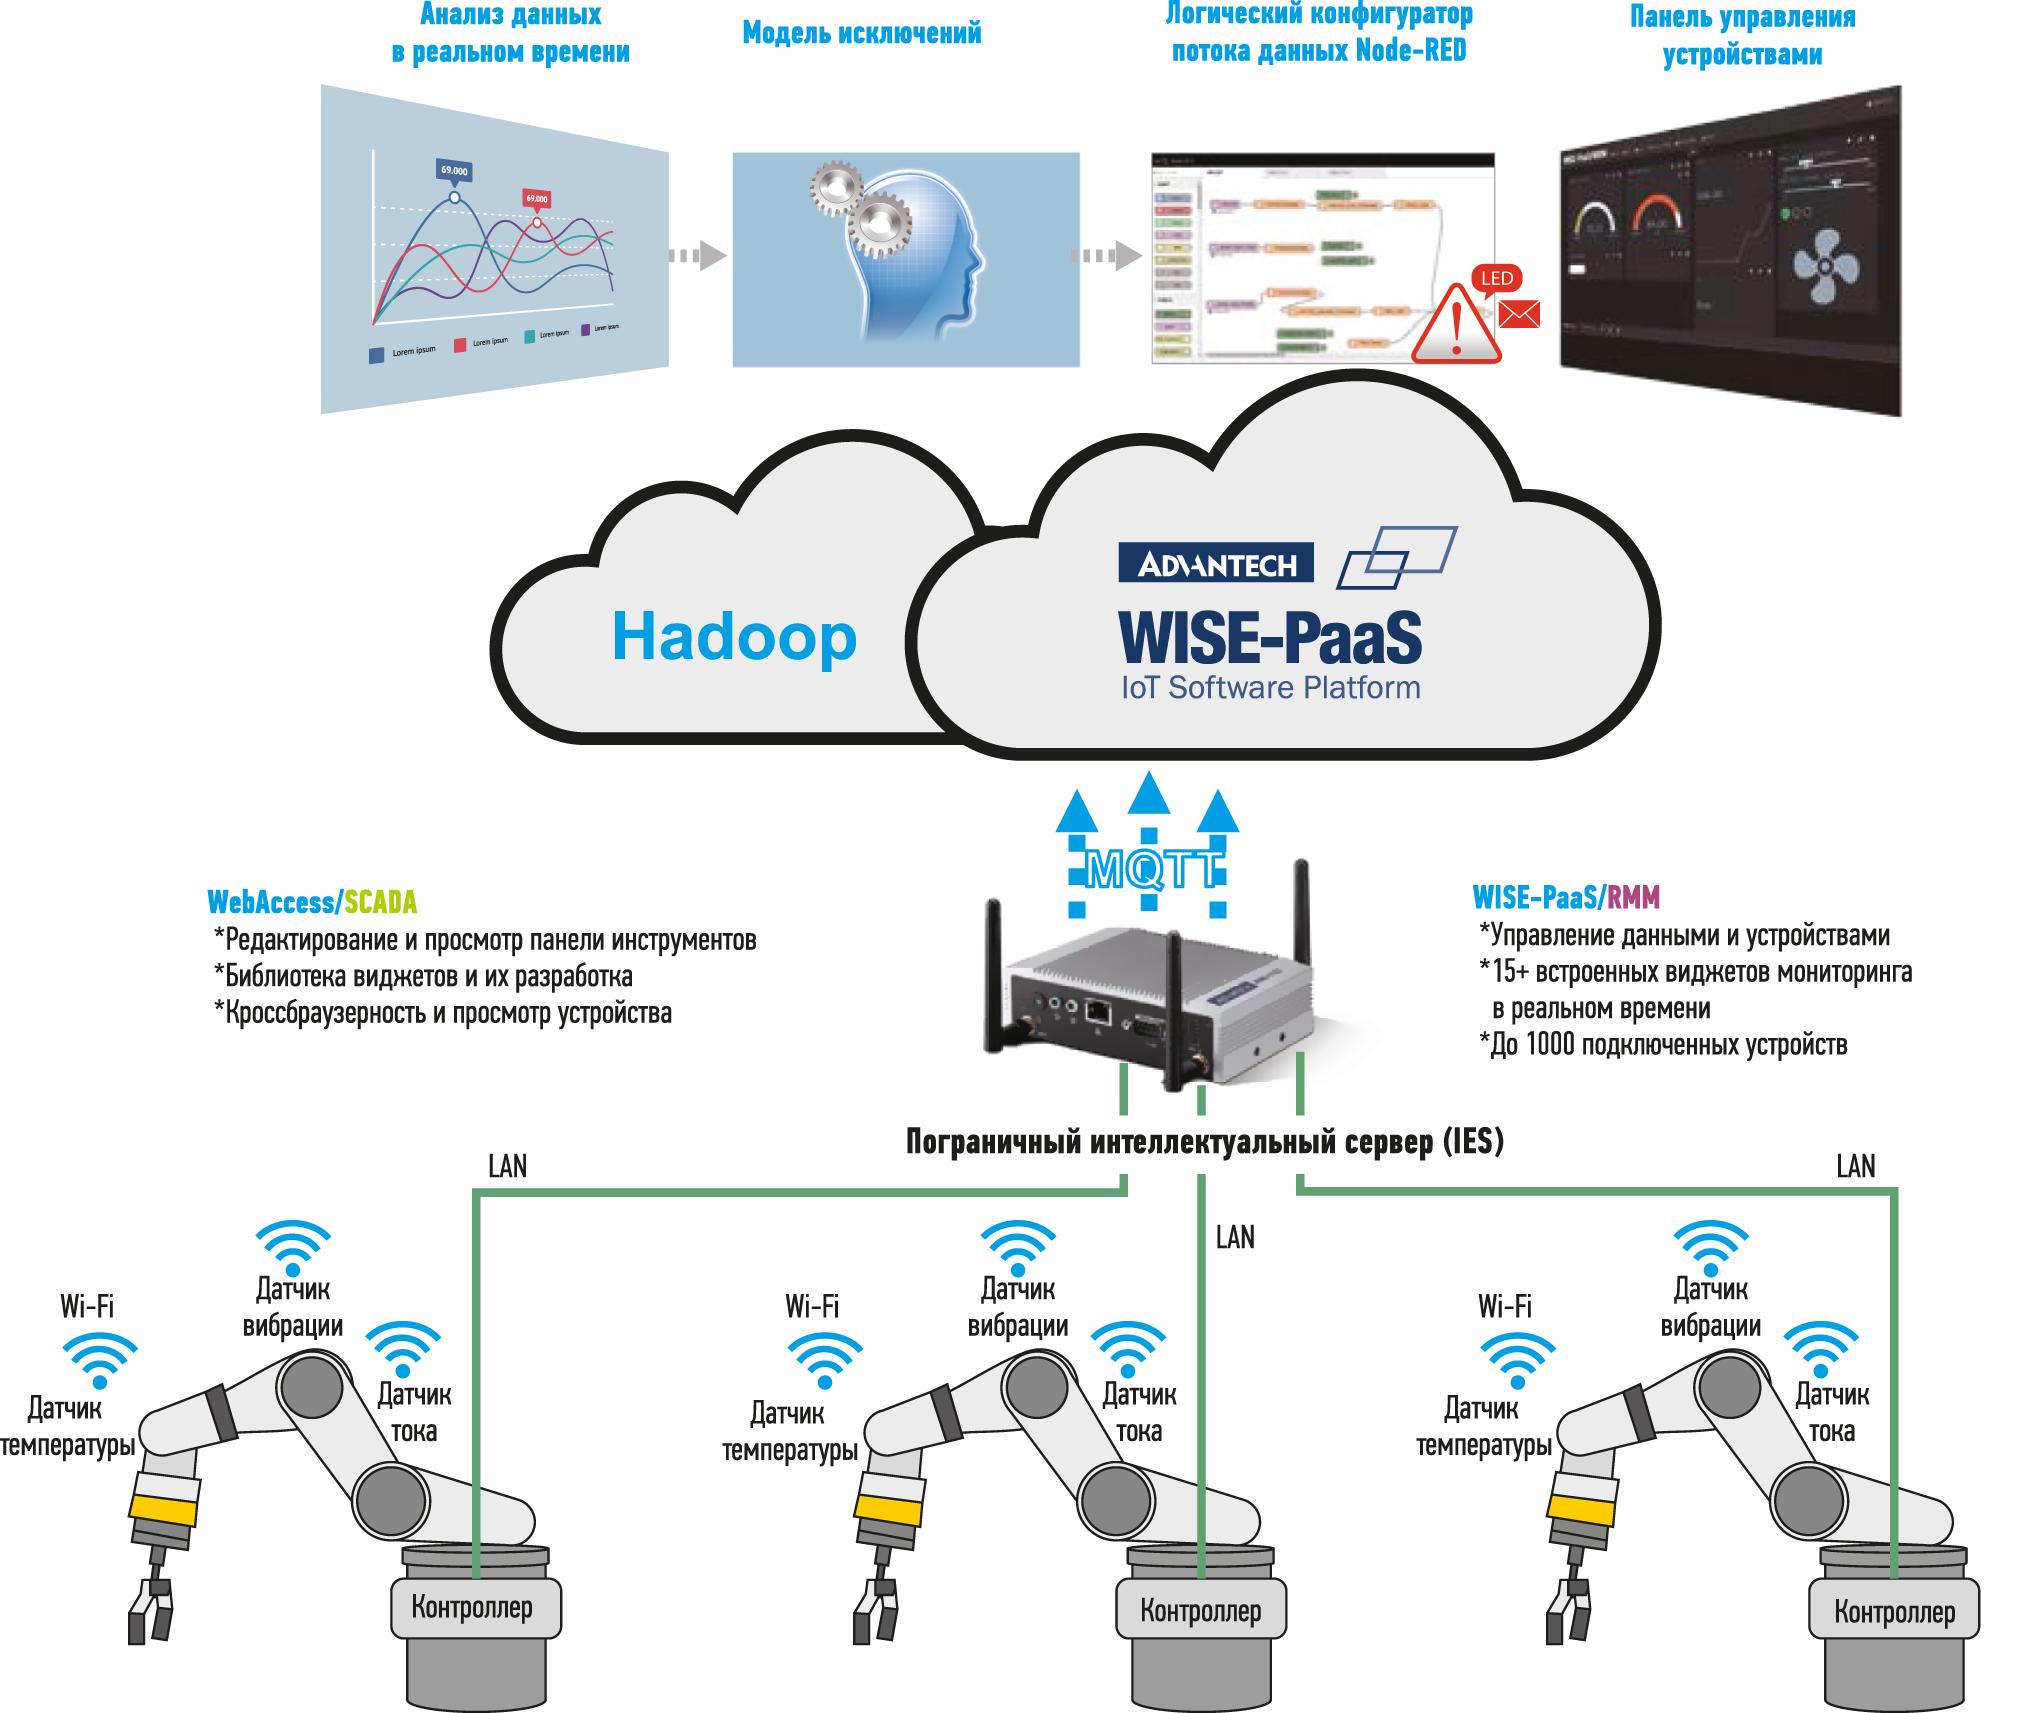 Интеллектуальная система мониторинга на основе EIS